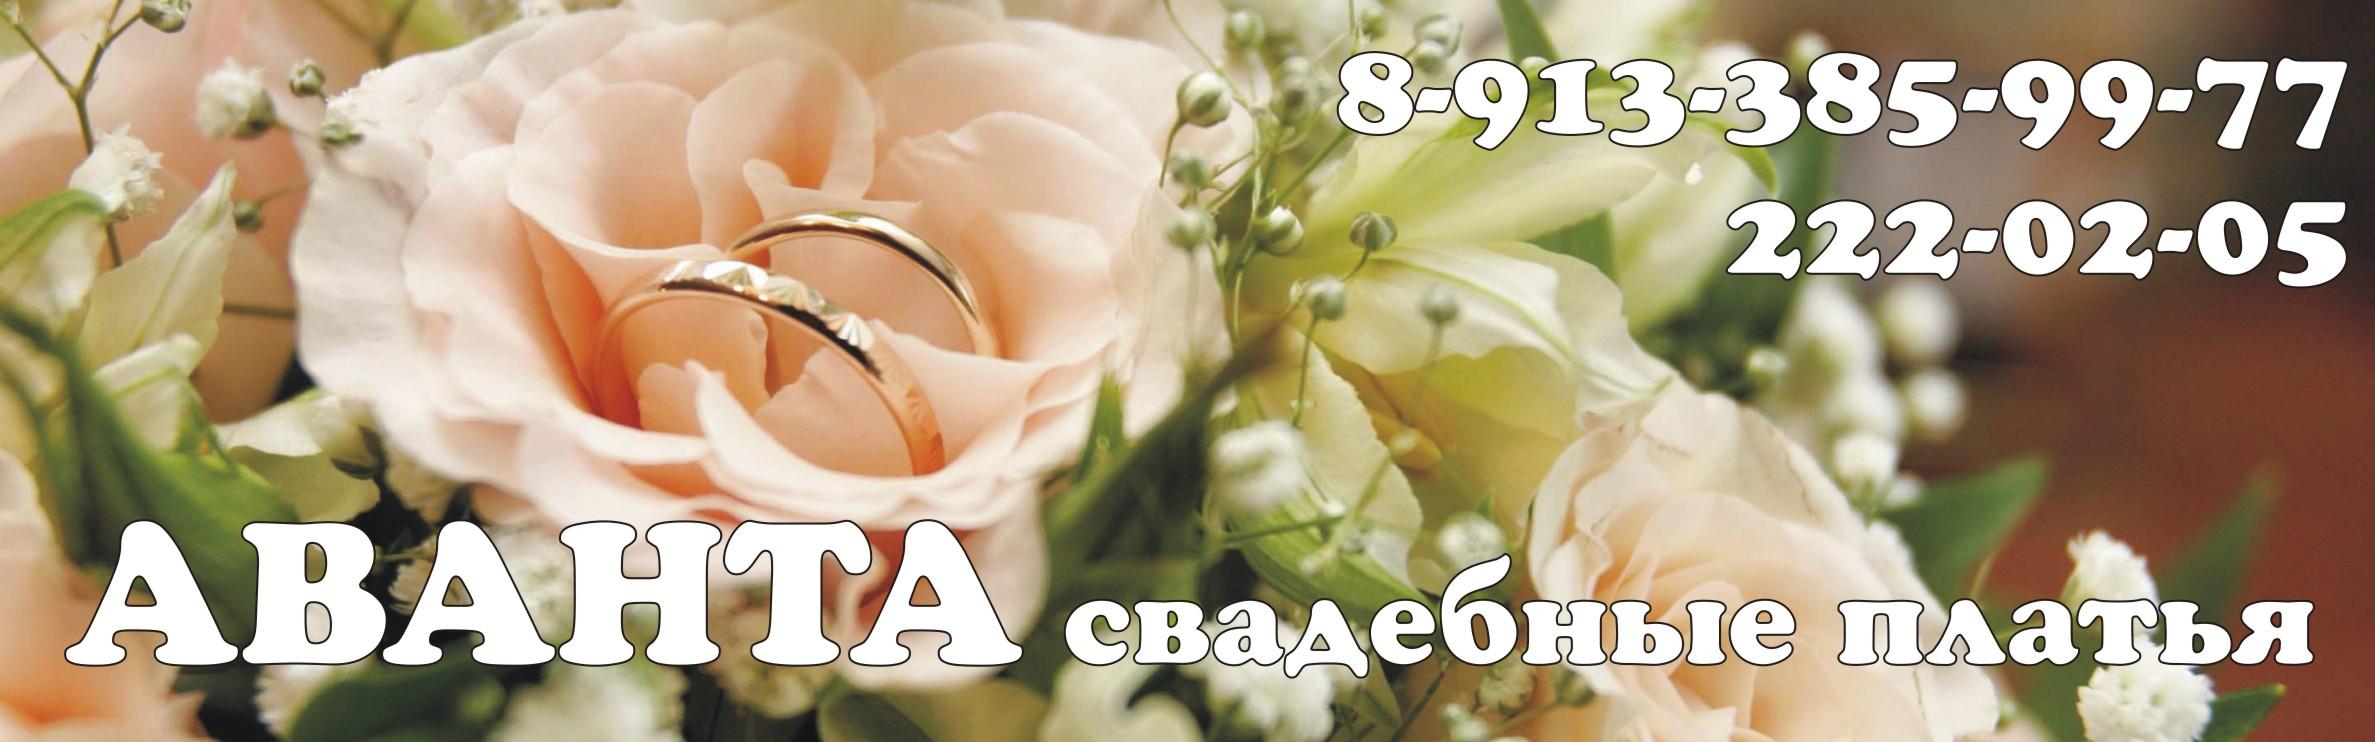 АВАНТА свадебные платья